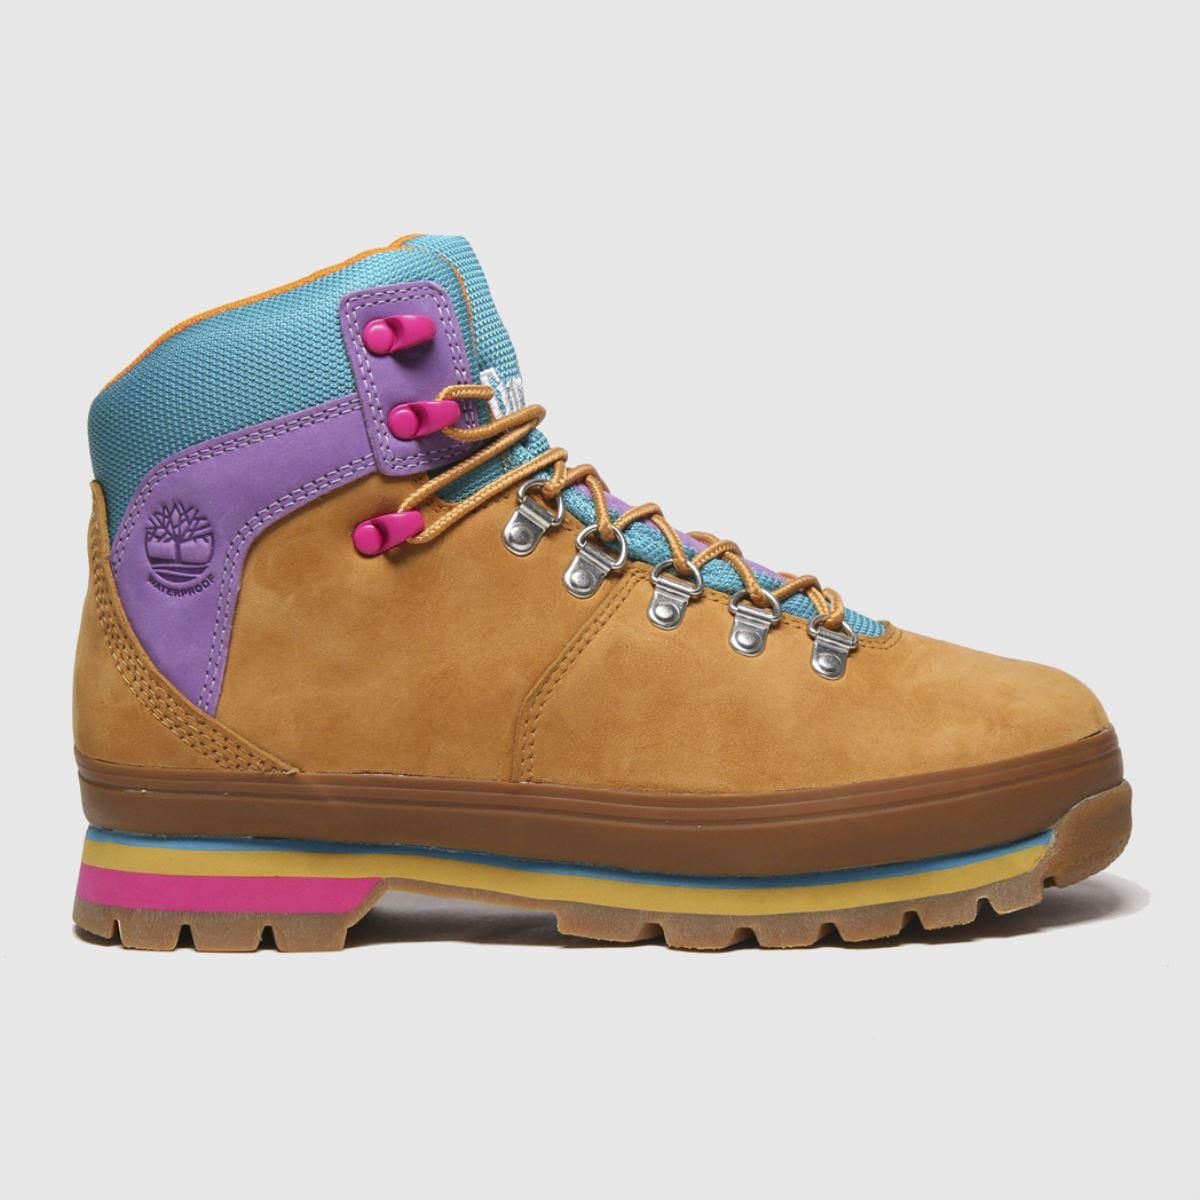 Timberland Tan Euro Hiker Boots